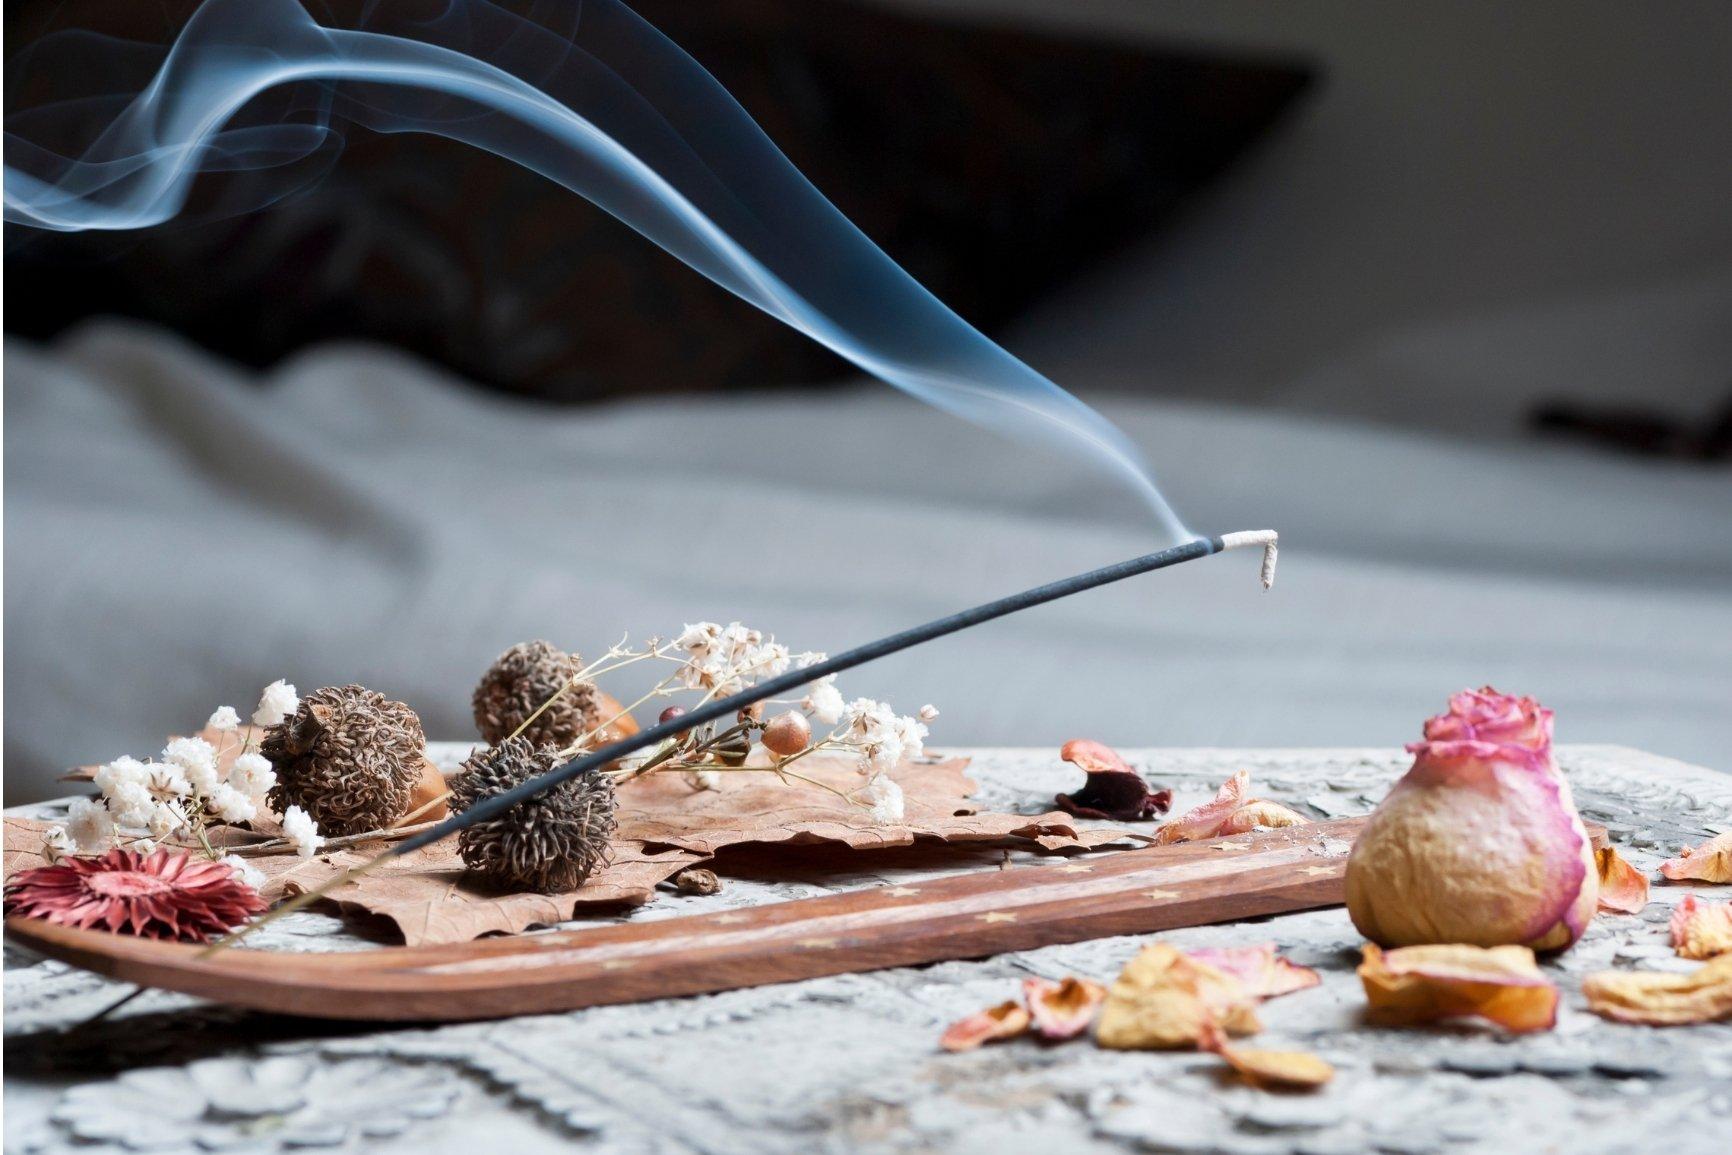 essenze per diffusori oro, incenso e mirra